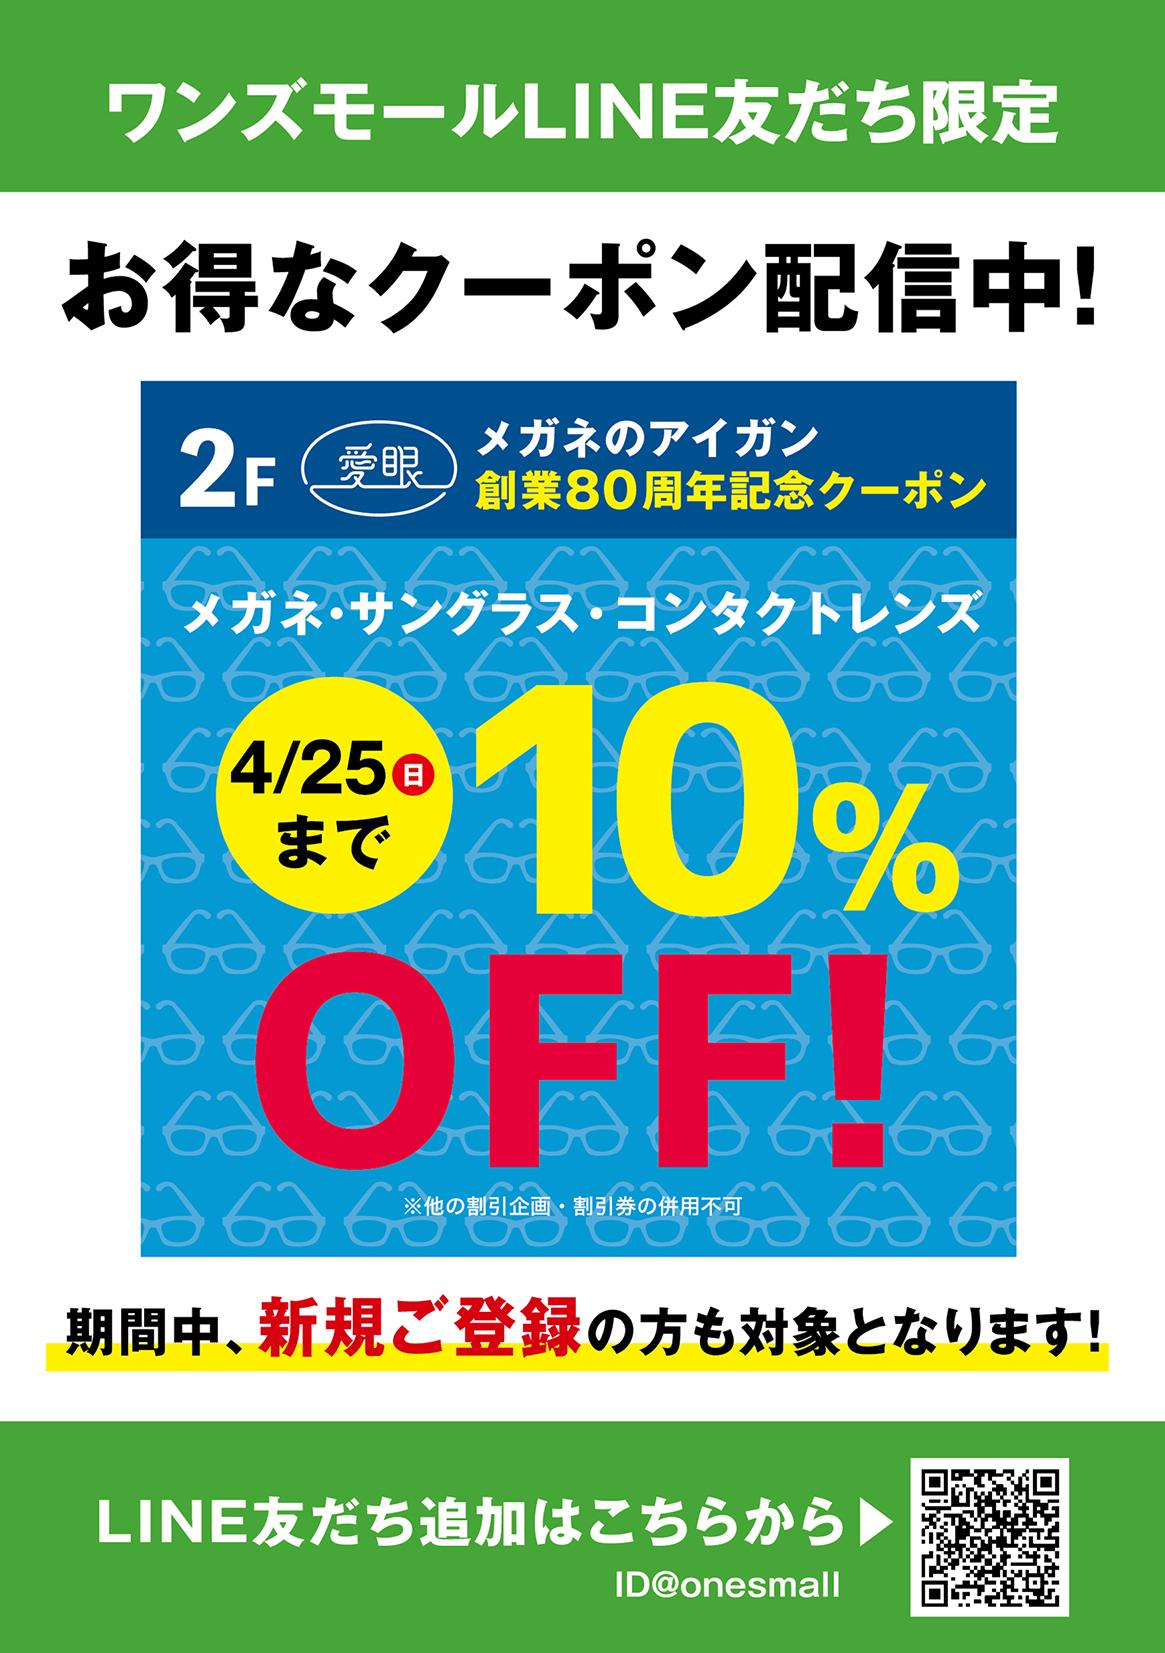 【ワンズモールLINE友だち限定】メガネのアイガンで使える10%OFFクーポン配信中!:イメージ